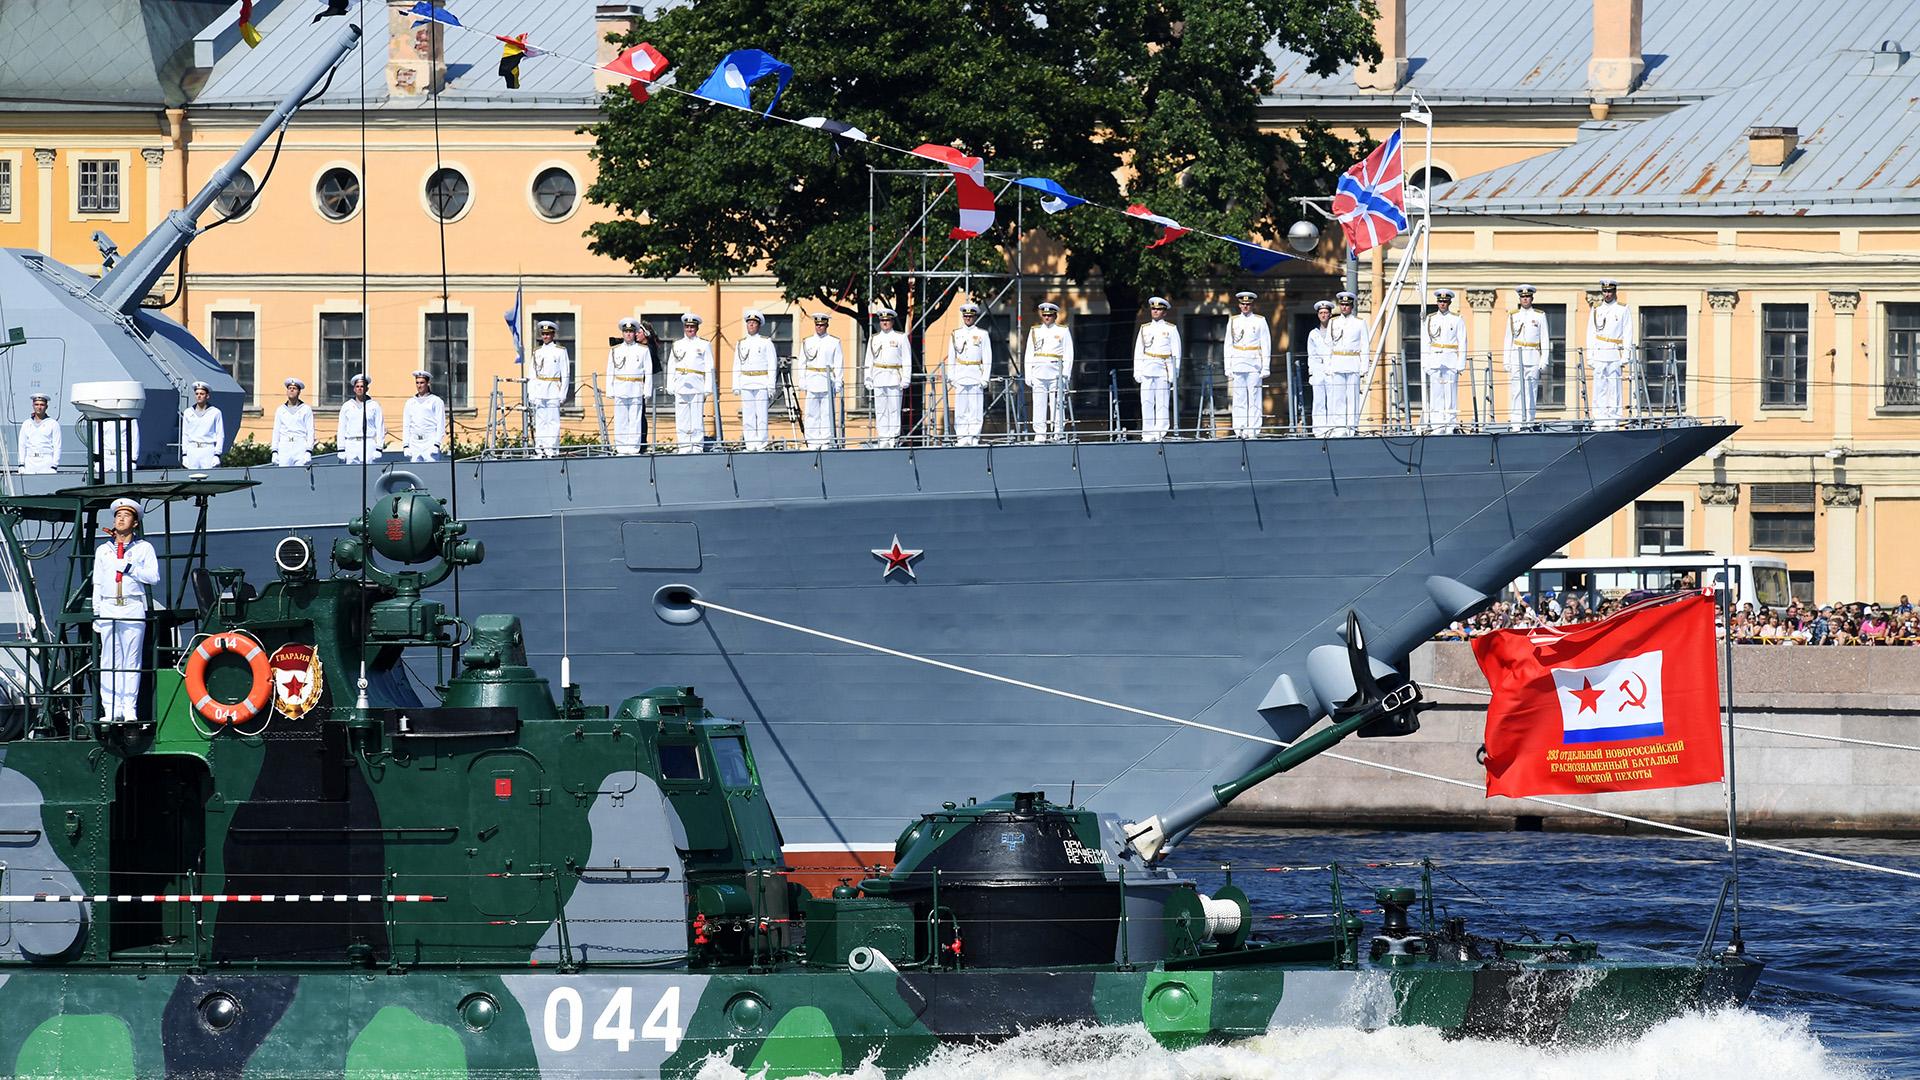 El desfile estuvo dirigido por el crucero portamisiles ruso Marshal Ustinov